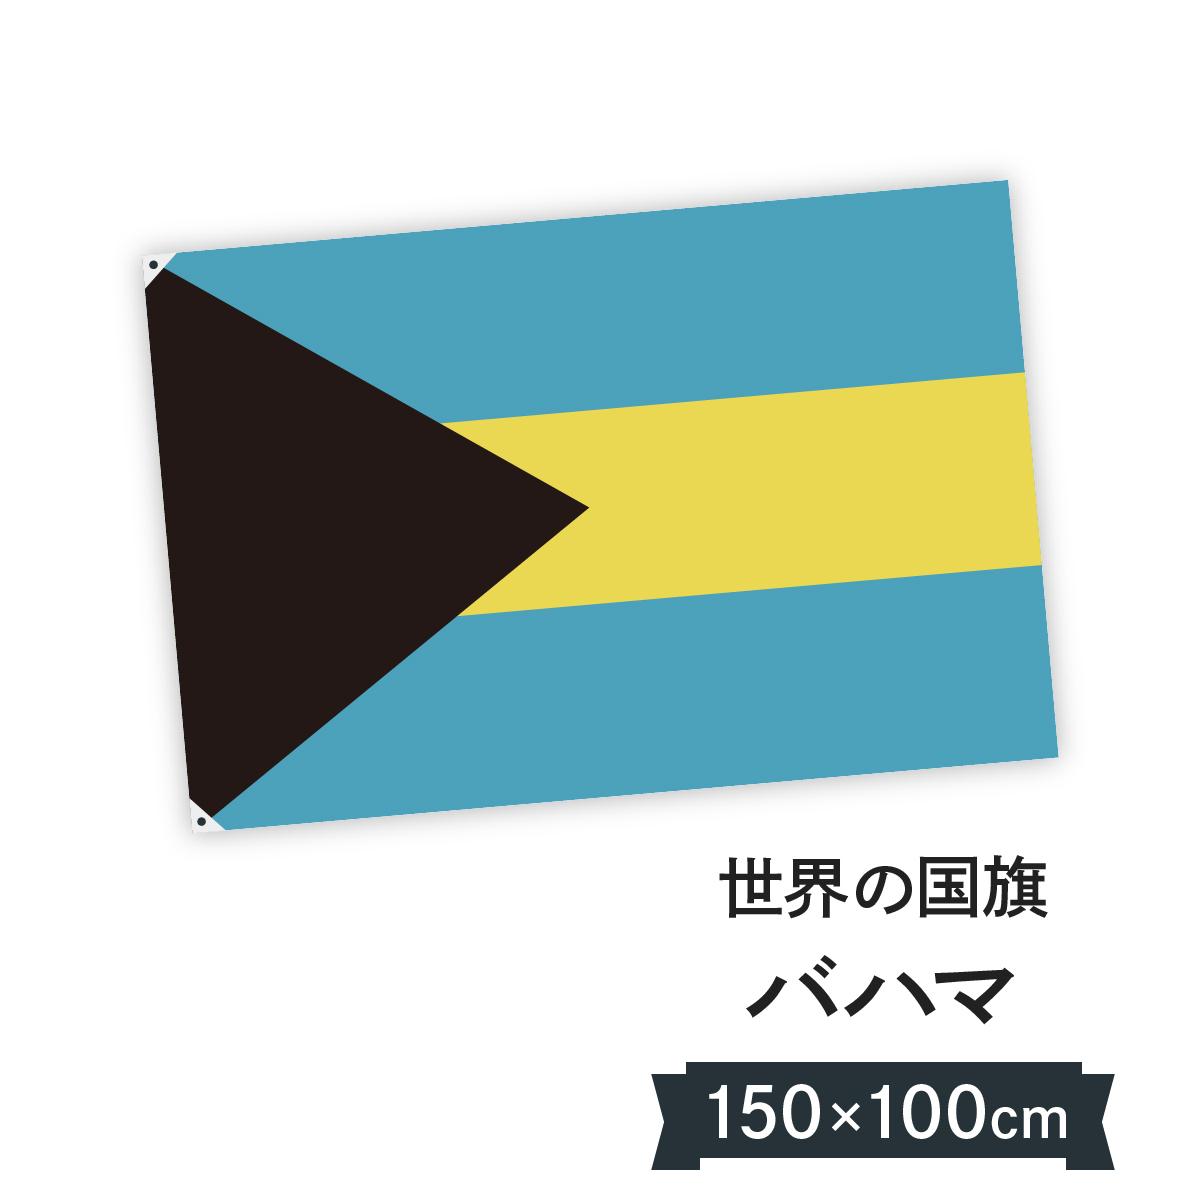 バハマ国 国旗 W150cm H100cm